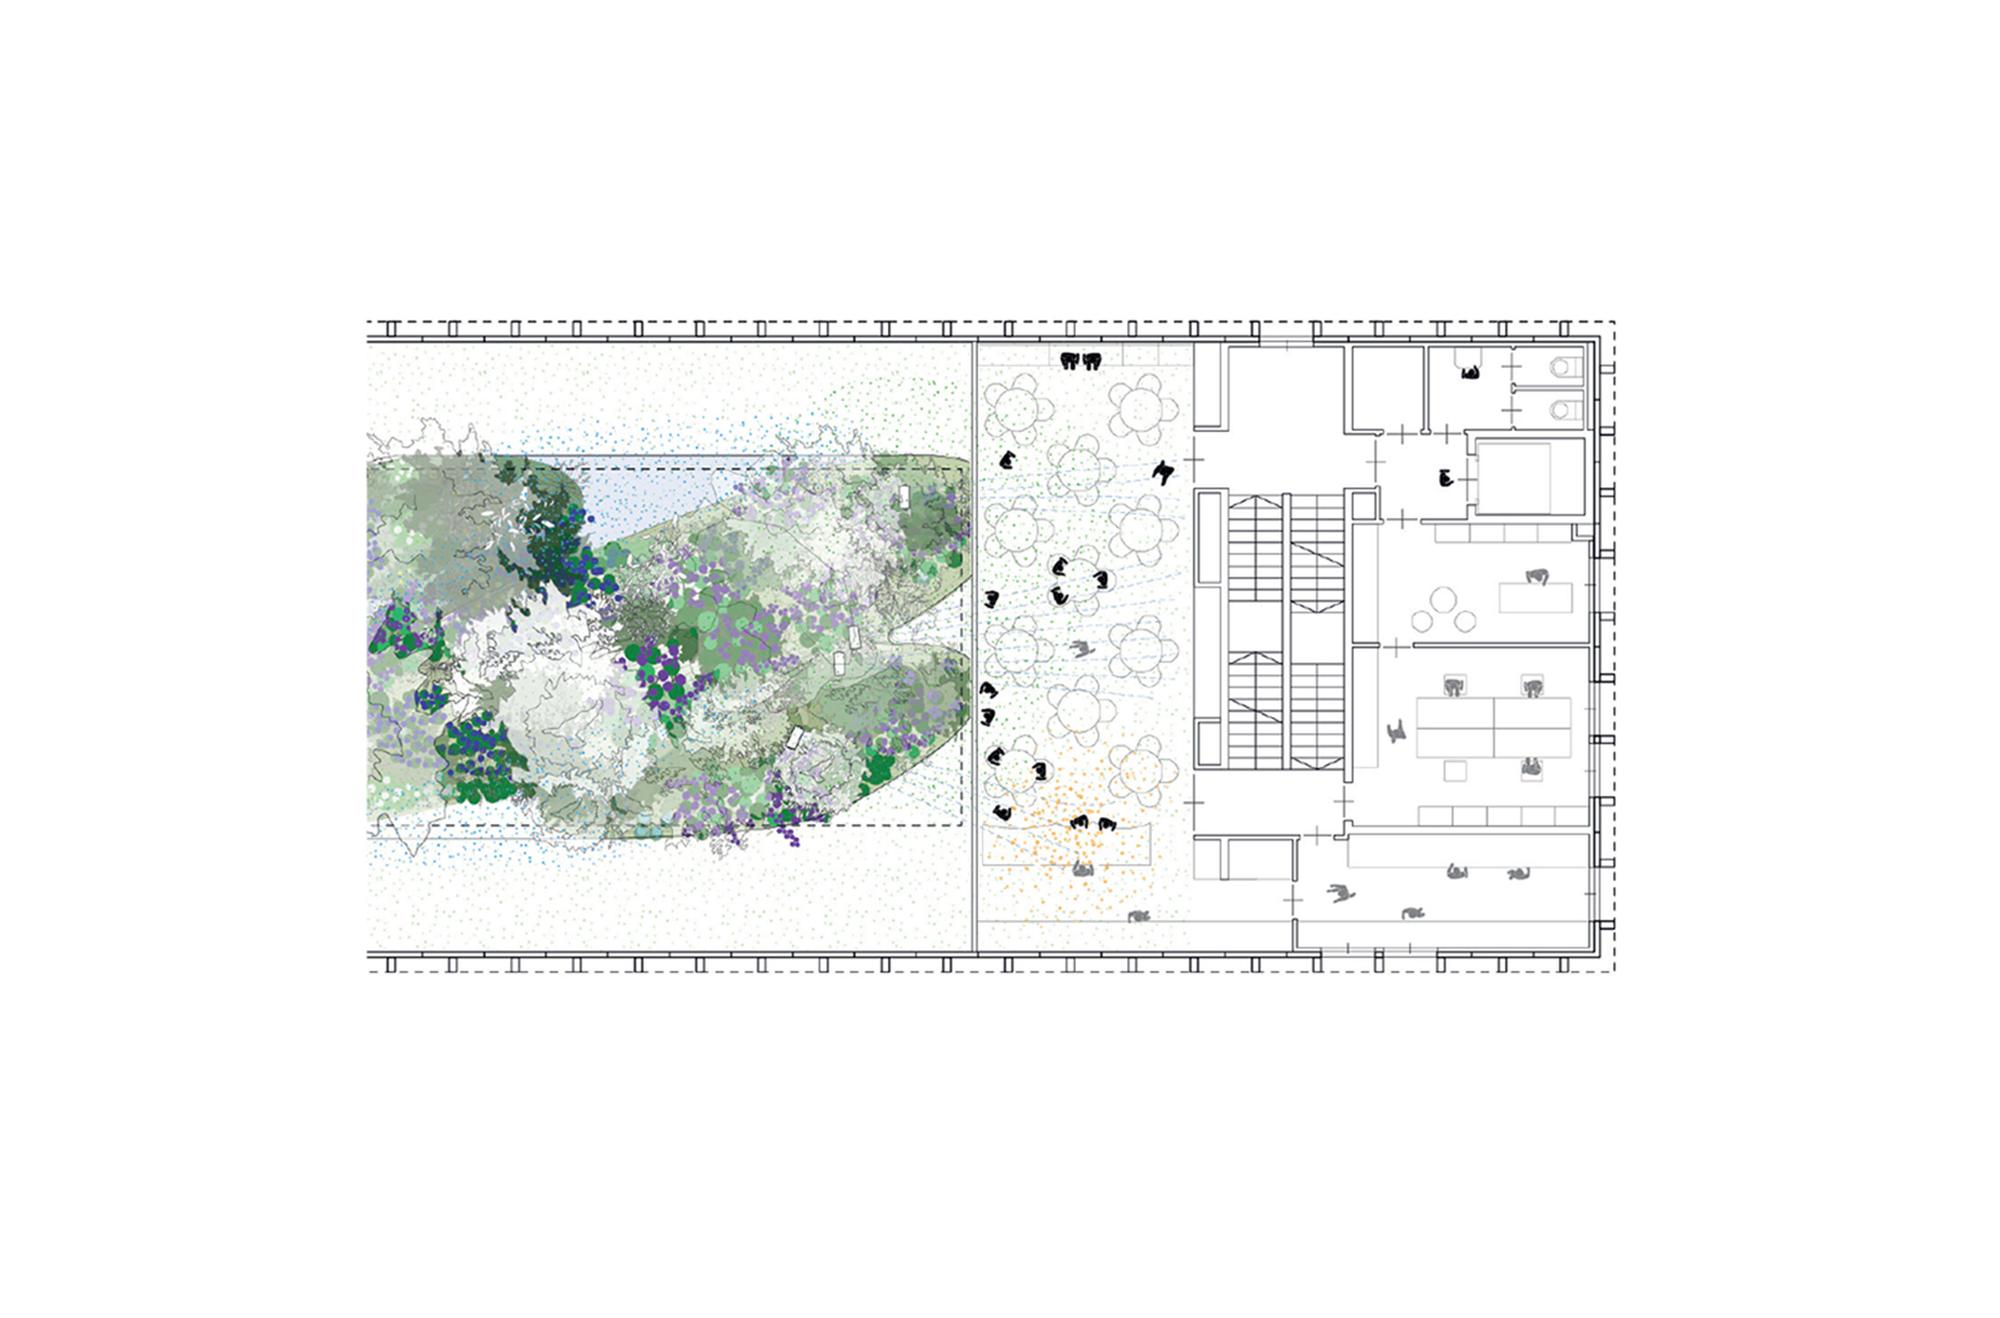 55501ee1e58ecece5c000109_austria-pavilion-milan-expo-2015-team-breathe-austria_floor_plans_copy2.png (2000×1318)